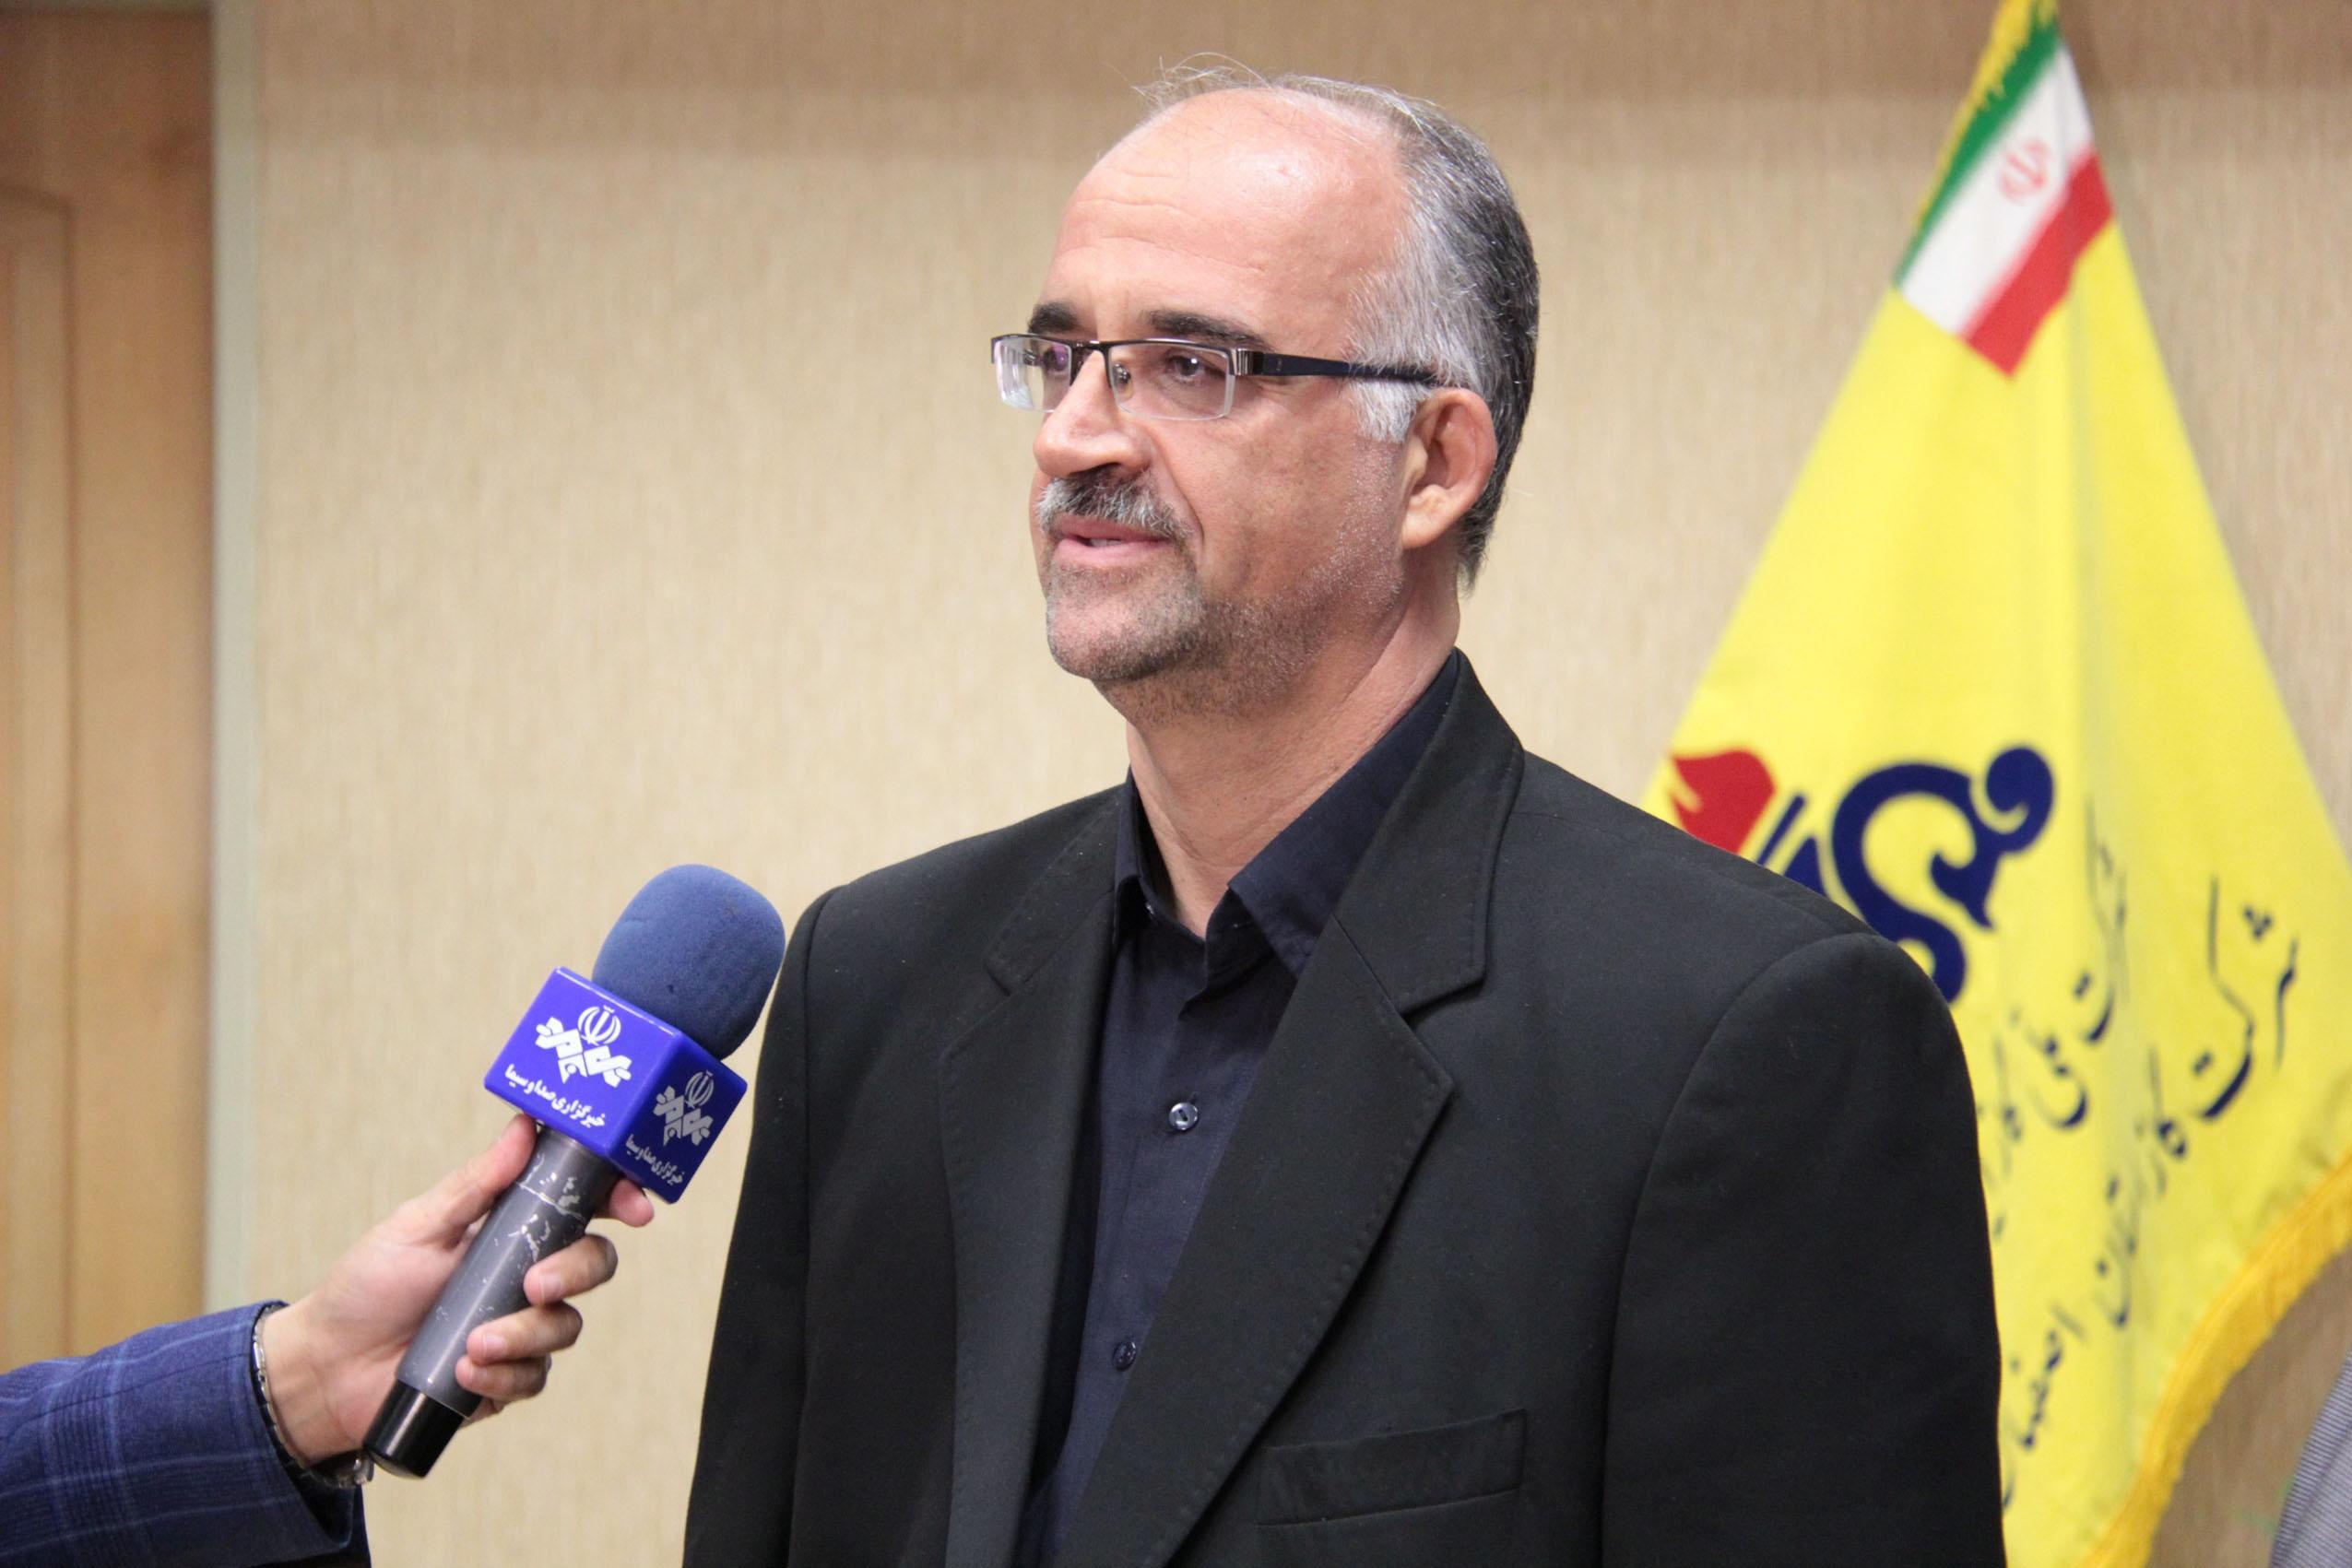 انجام بیش از 50 پروژه پژوهشی در شرکت گاز استان اصفهان